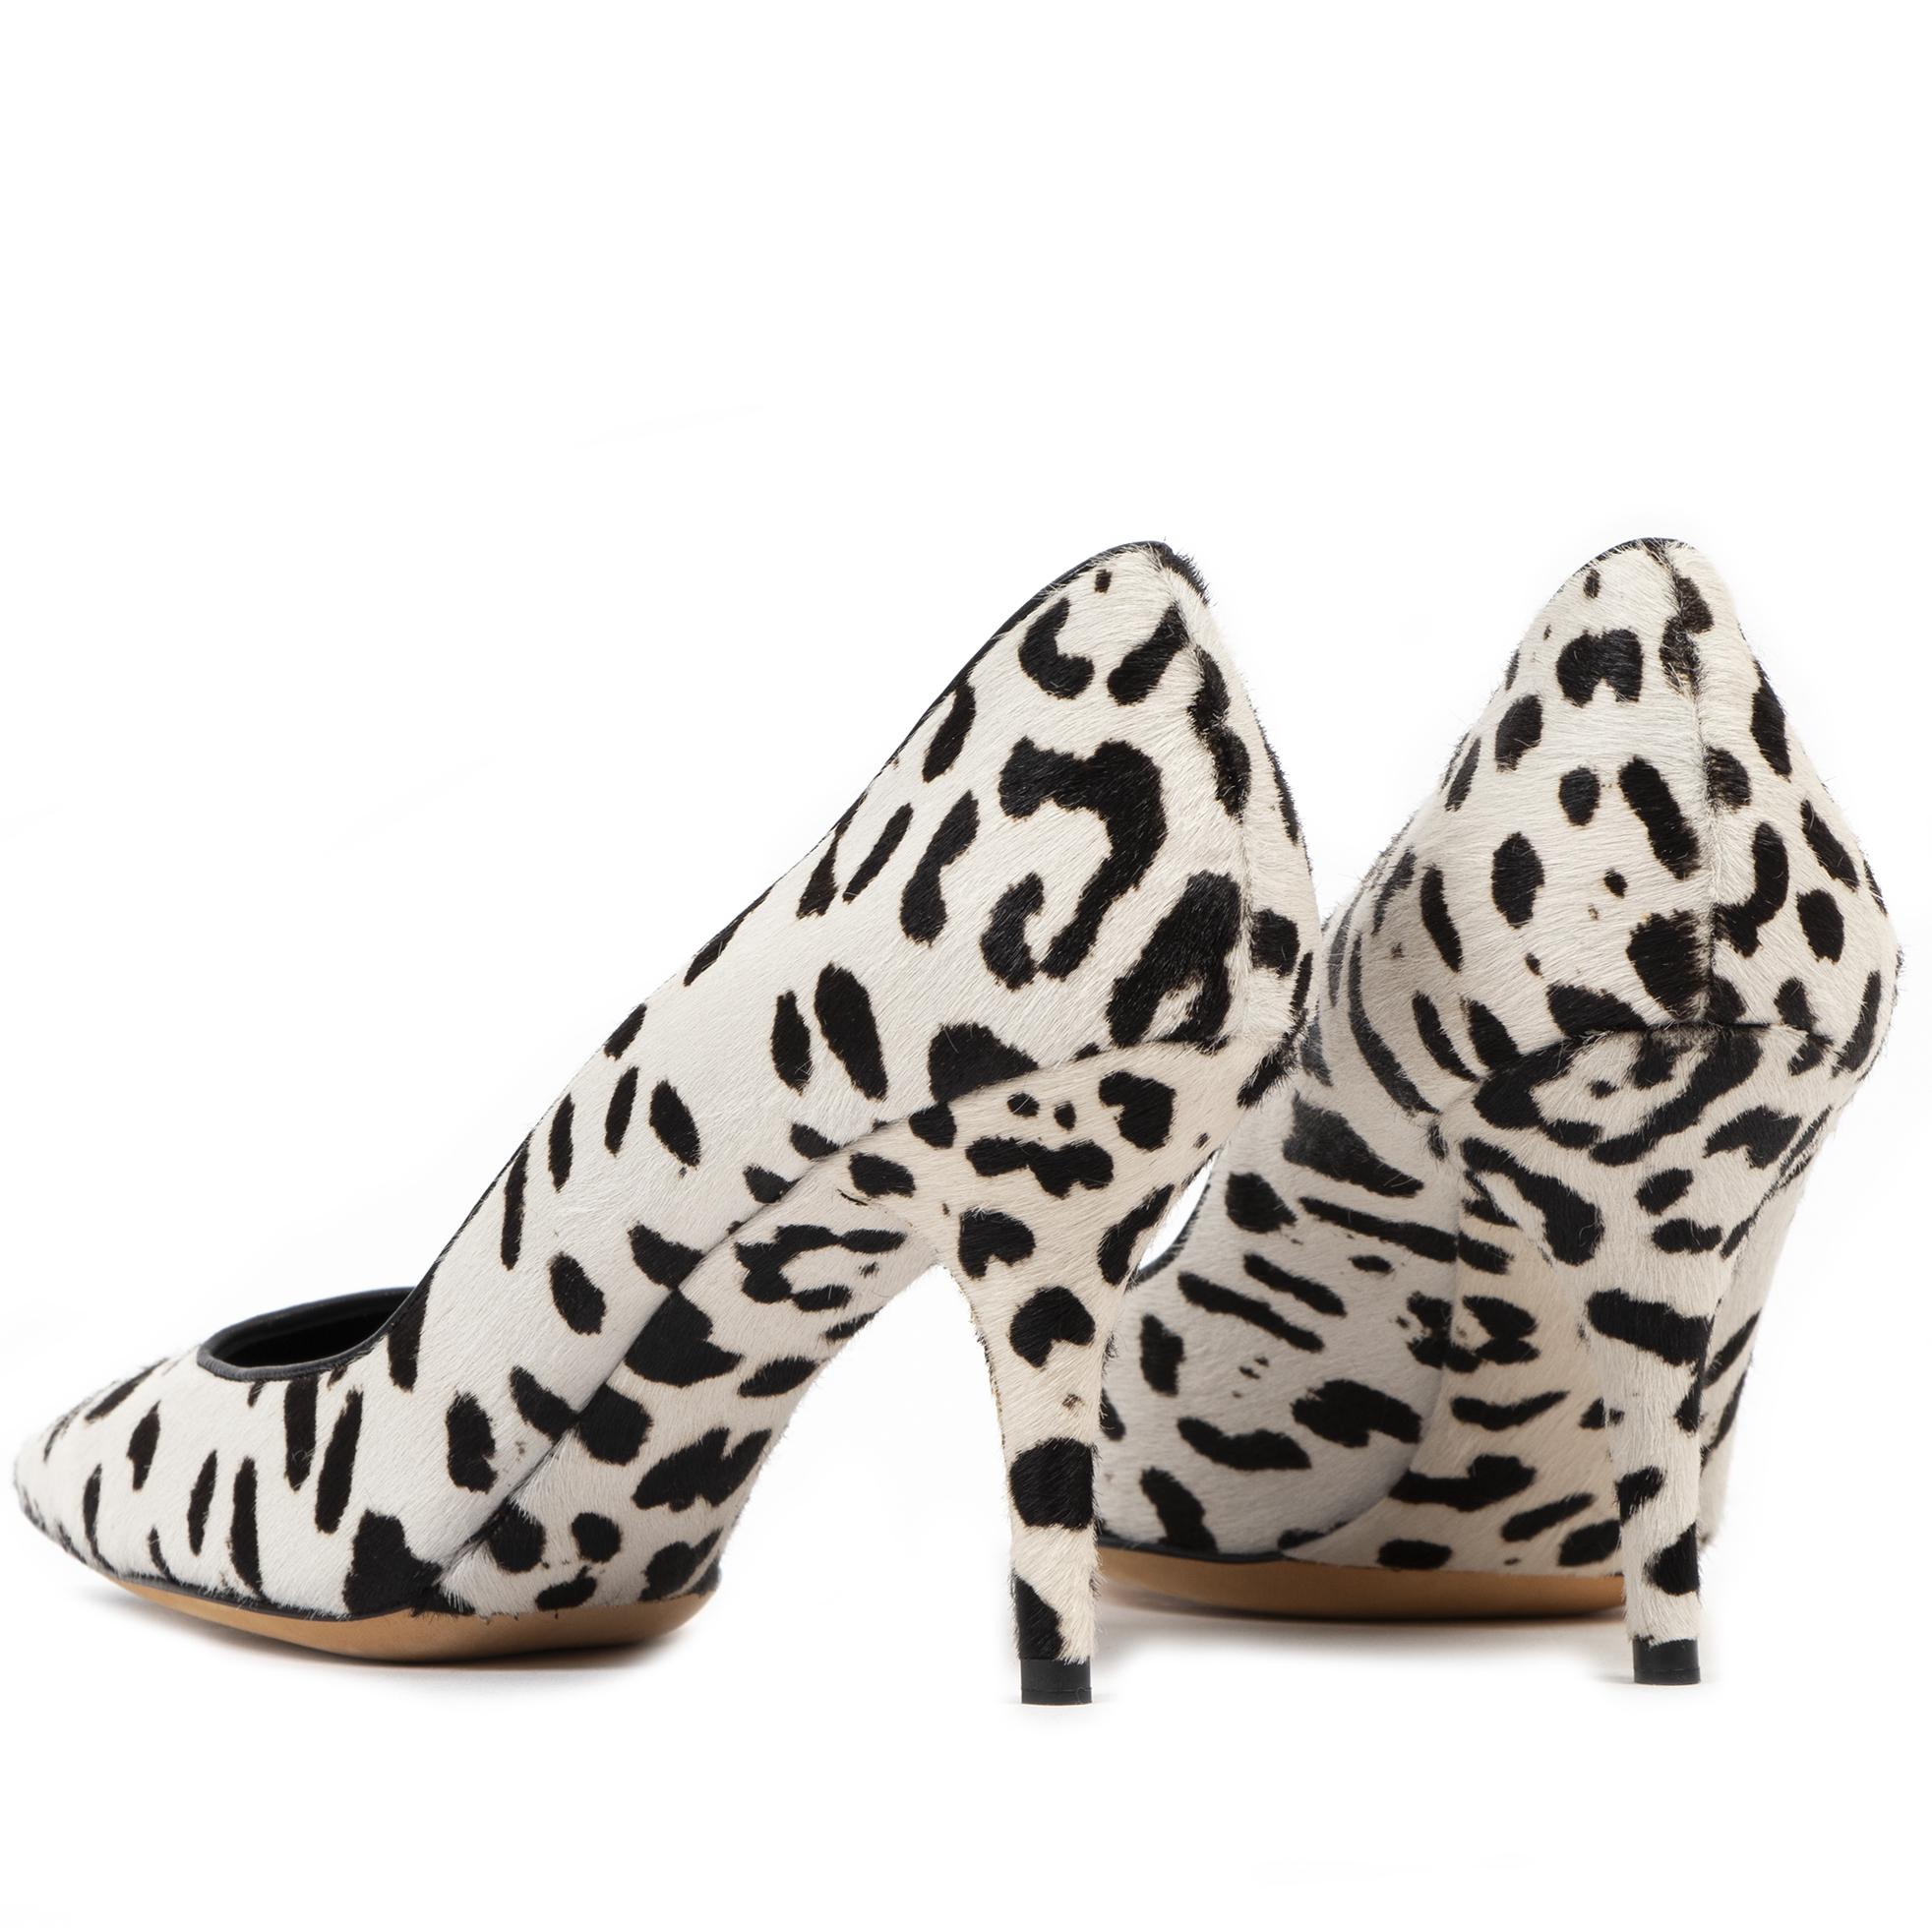 Authentique seconde-main vintage Dolce & Gabbanna Dalmatian Print Heels - Size 40 1/2 achète en ligne webshop LabelLOV